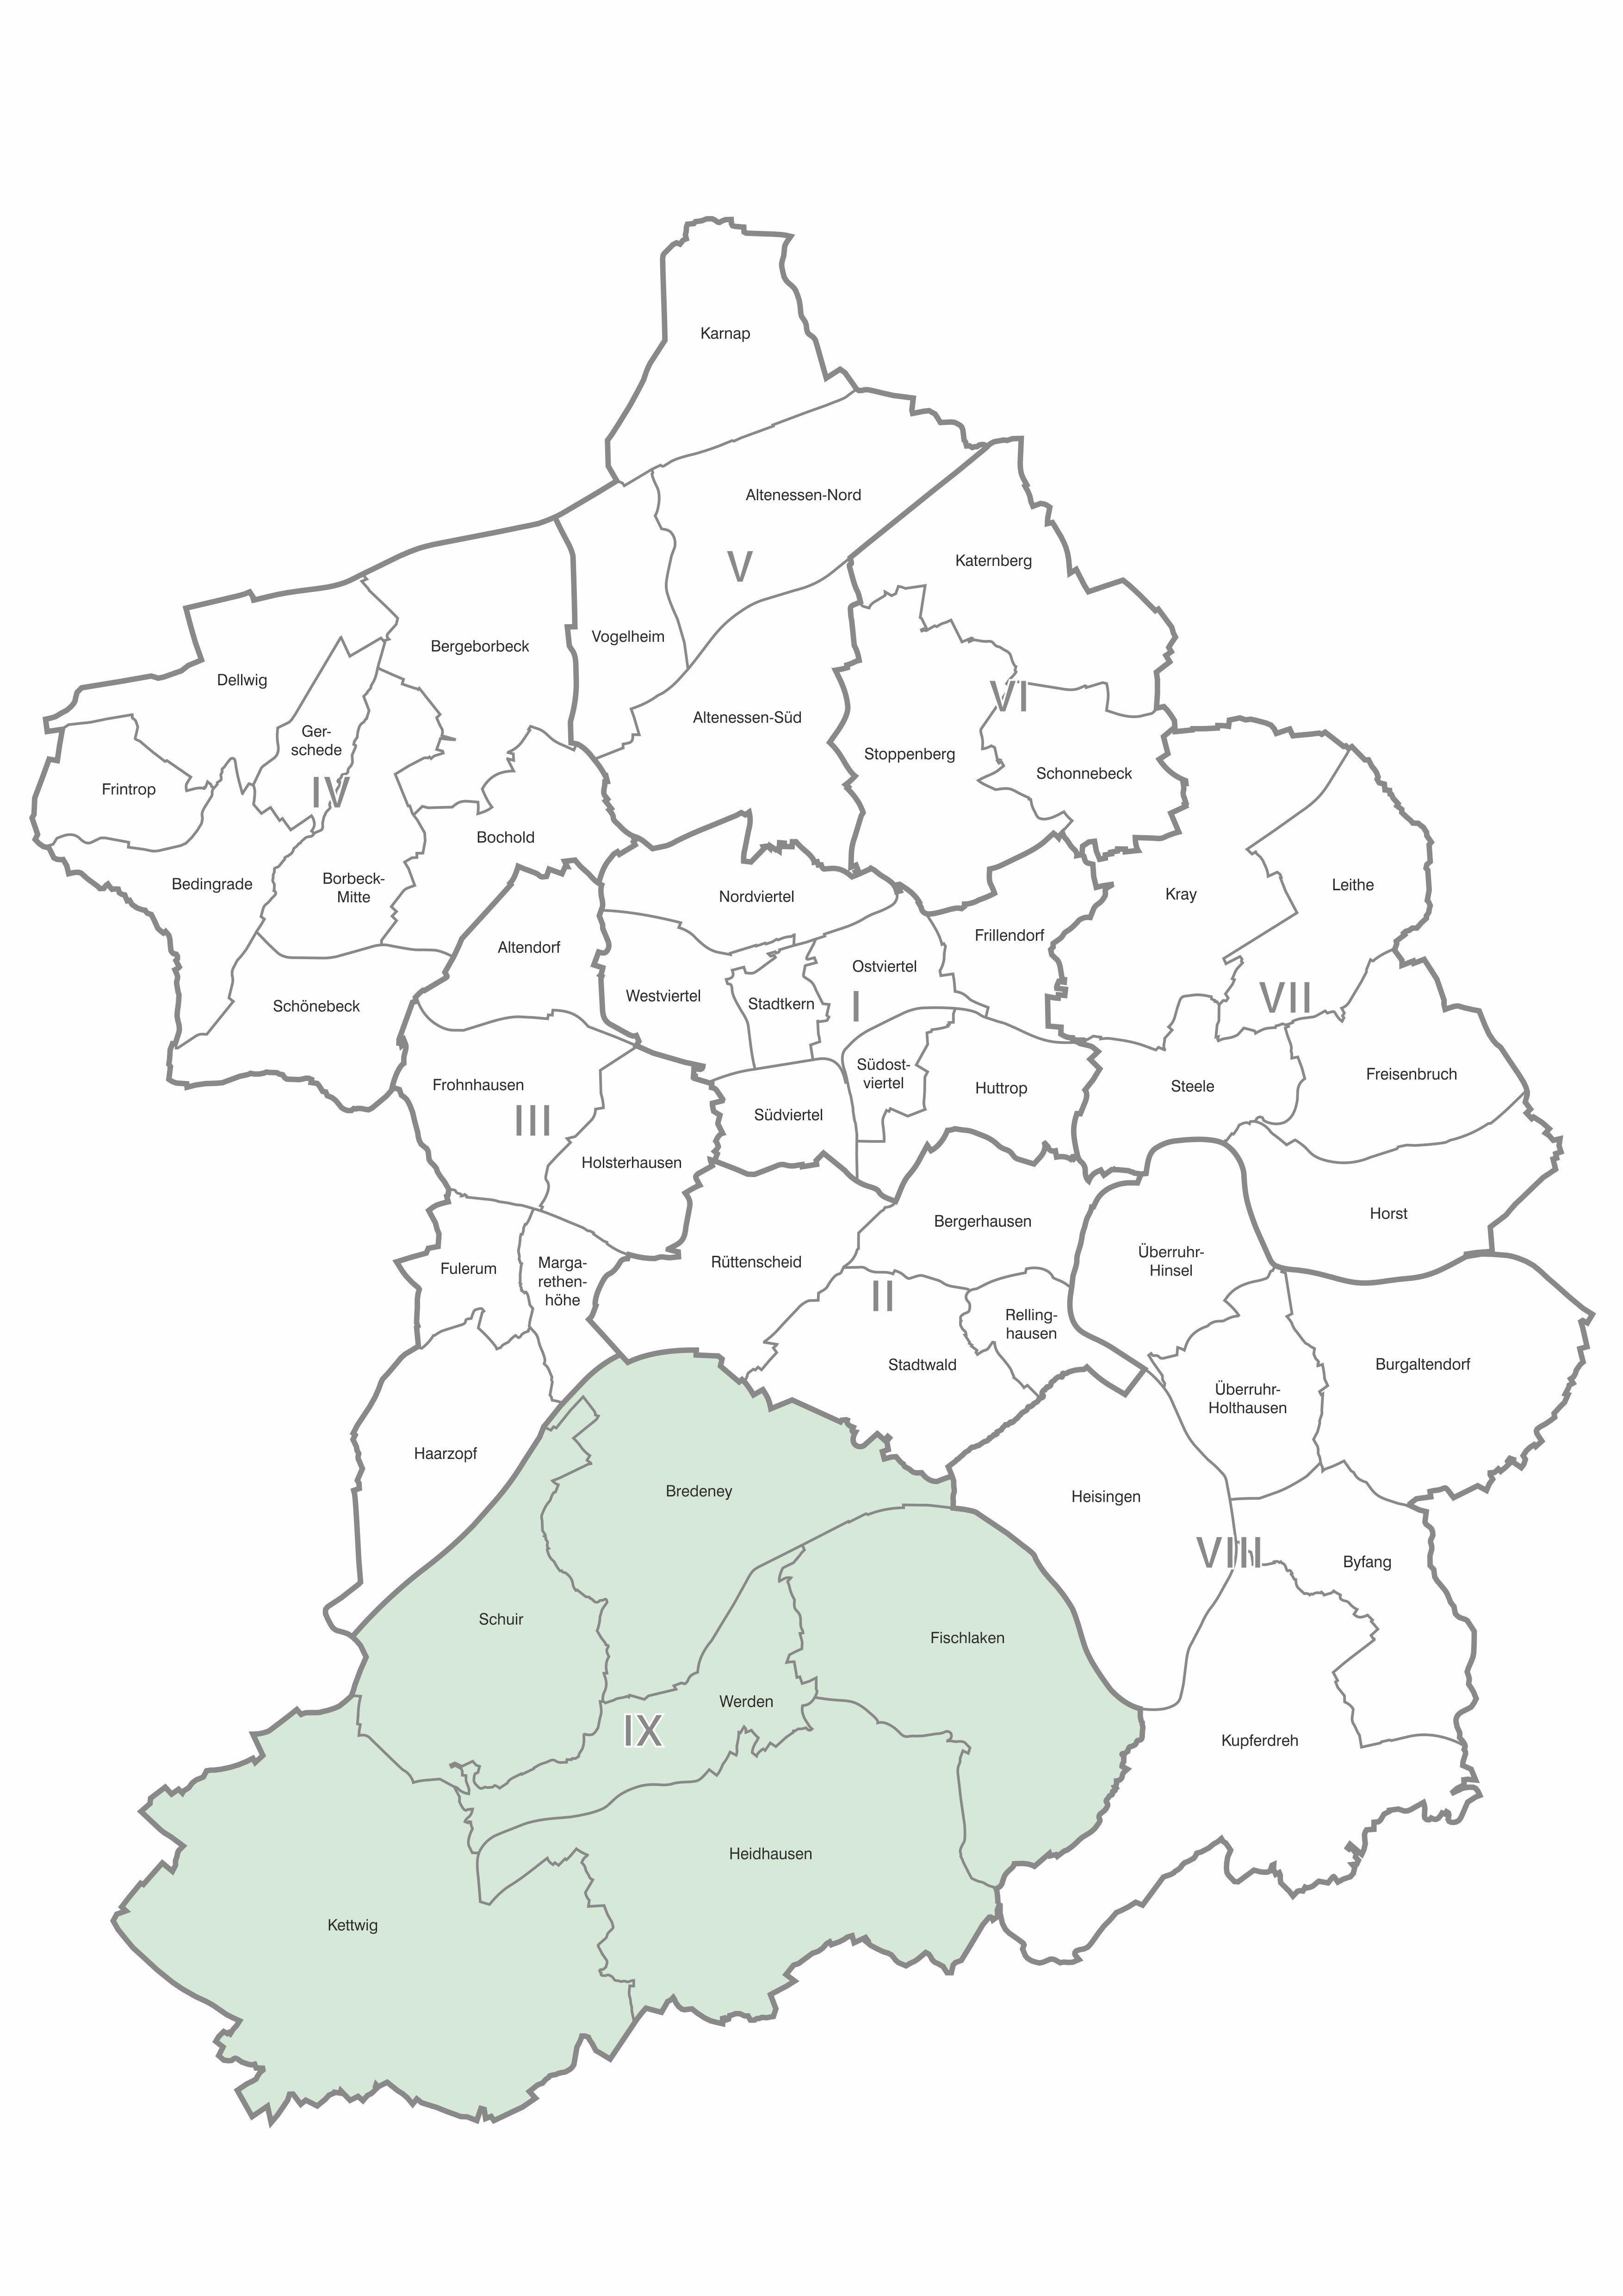 Karte der Stadtteile und Bezirke Essen, Bezirk 9